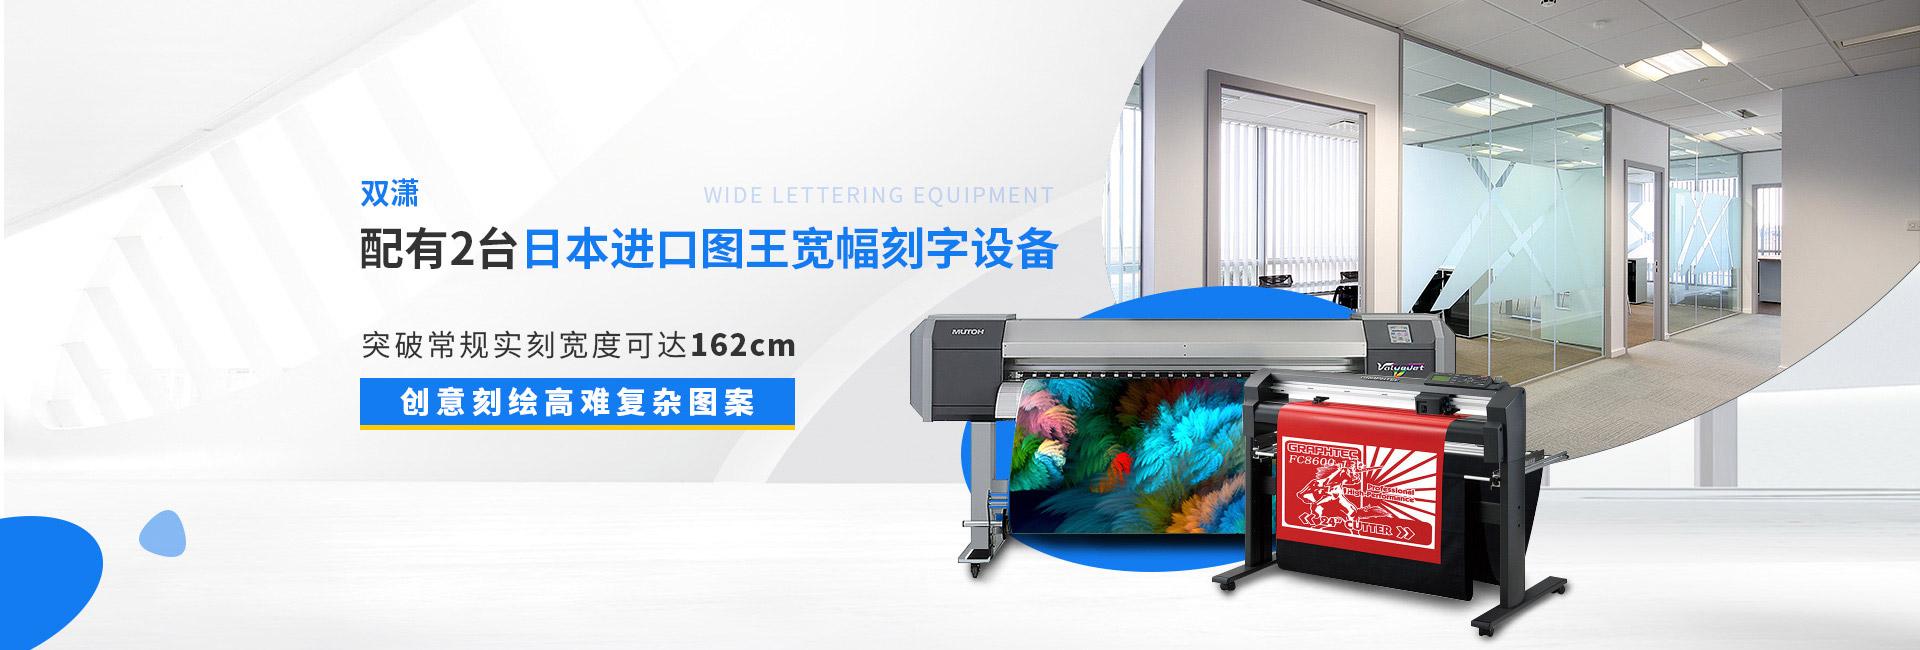 双潇玻璃贴膜配有2台日本进口图王宽幅刻字设备